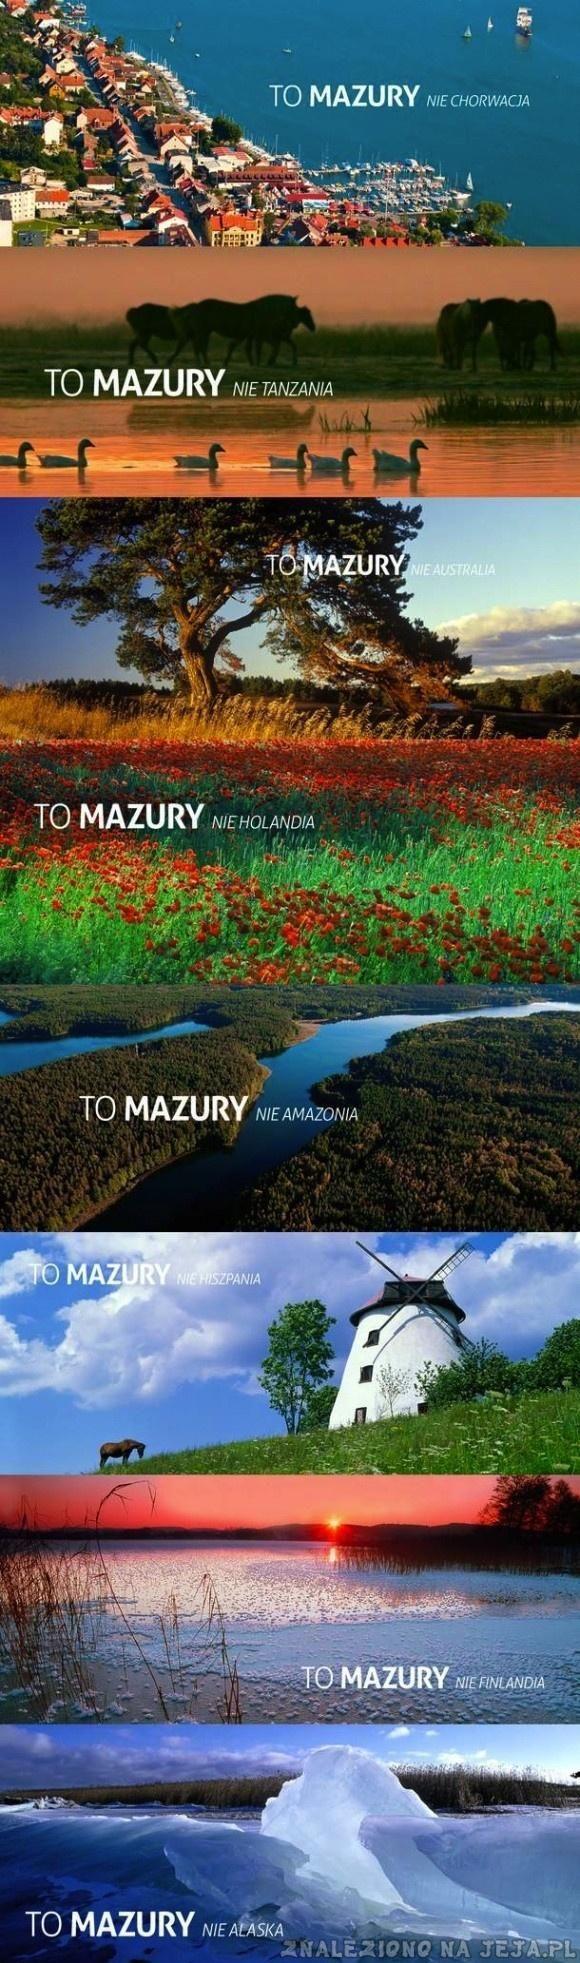 """Wielka kampania """"Mazury - cud natury"""", która z pewnością wejdzie do annałów polskiej reklamy :D"""